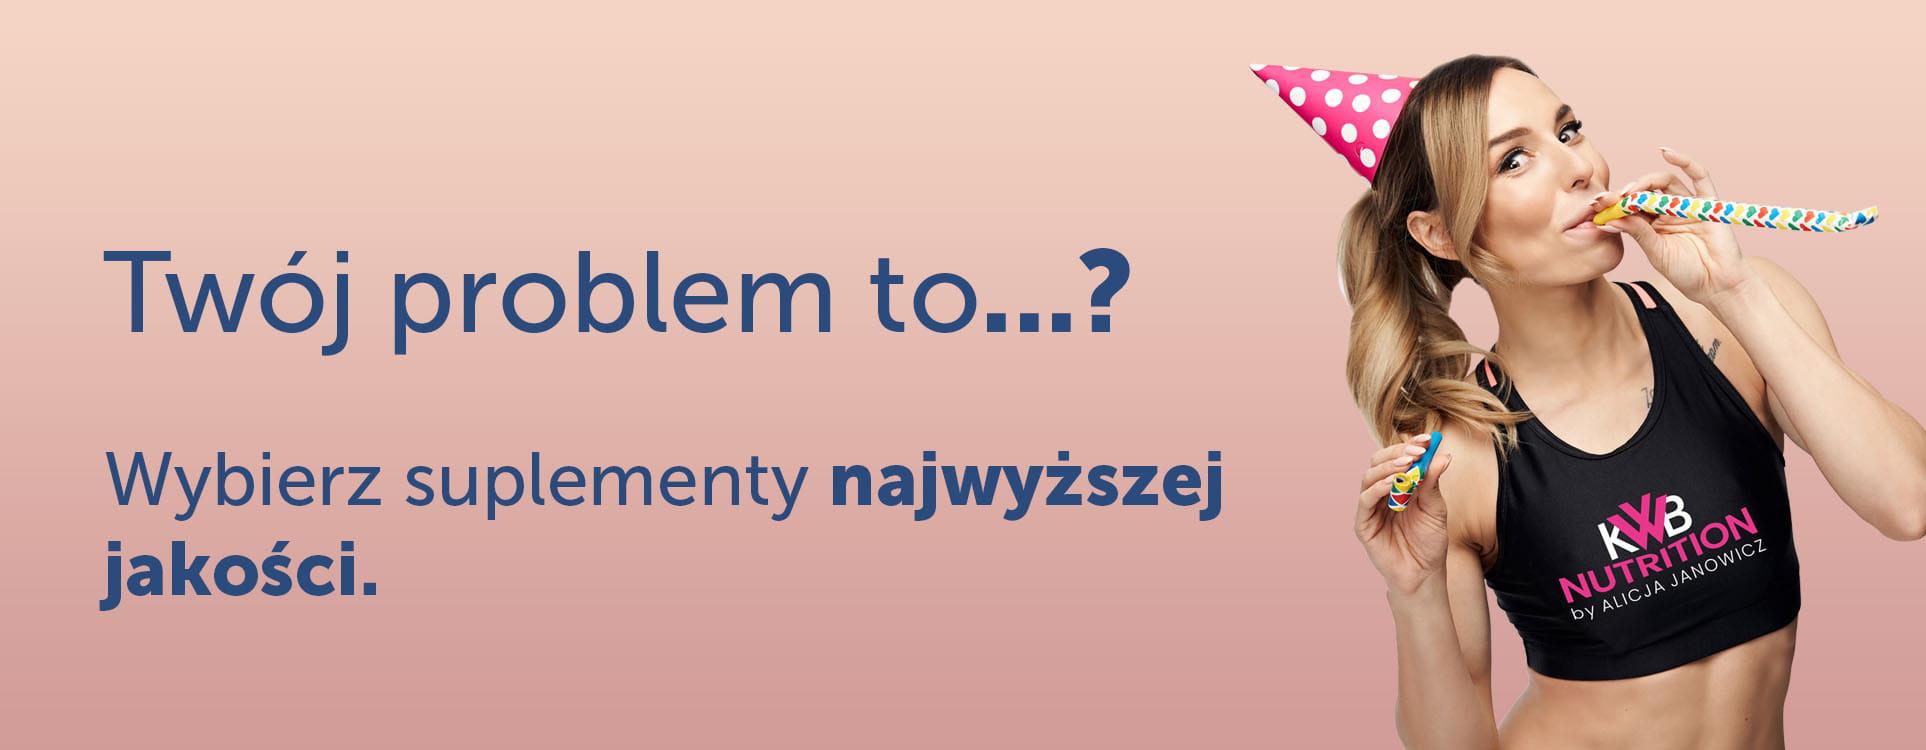 SUPLEMENTACJA - Twój problem to...